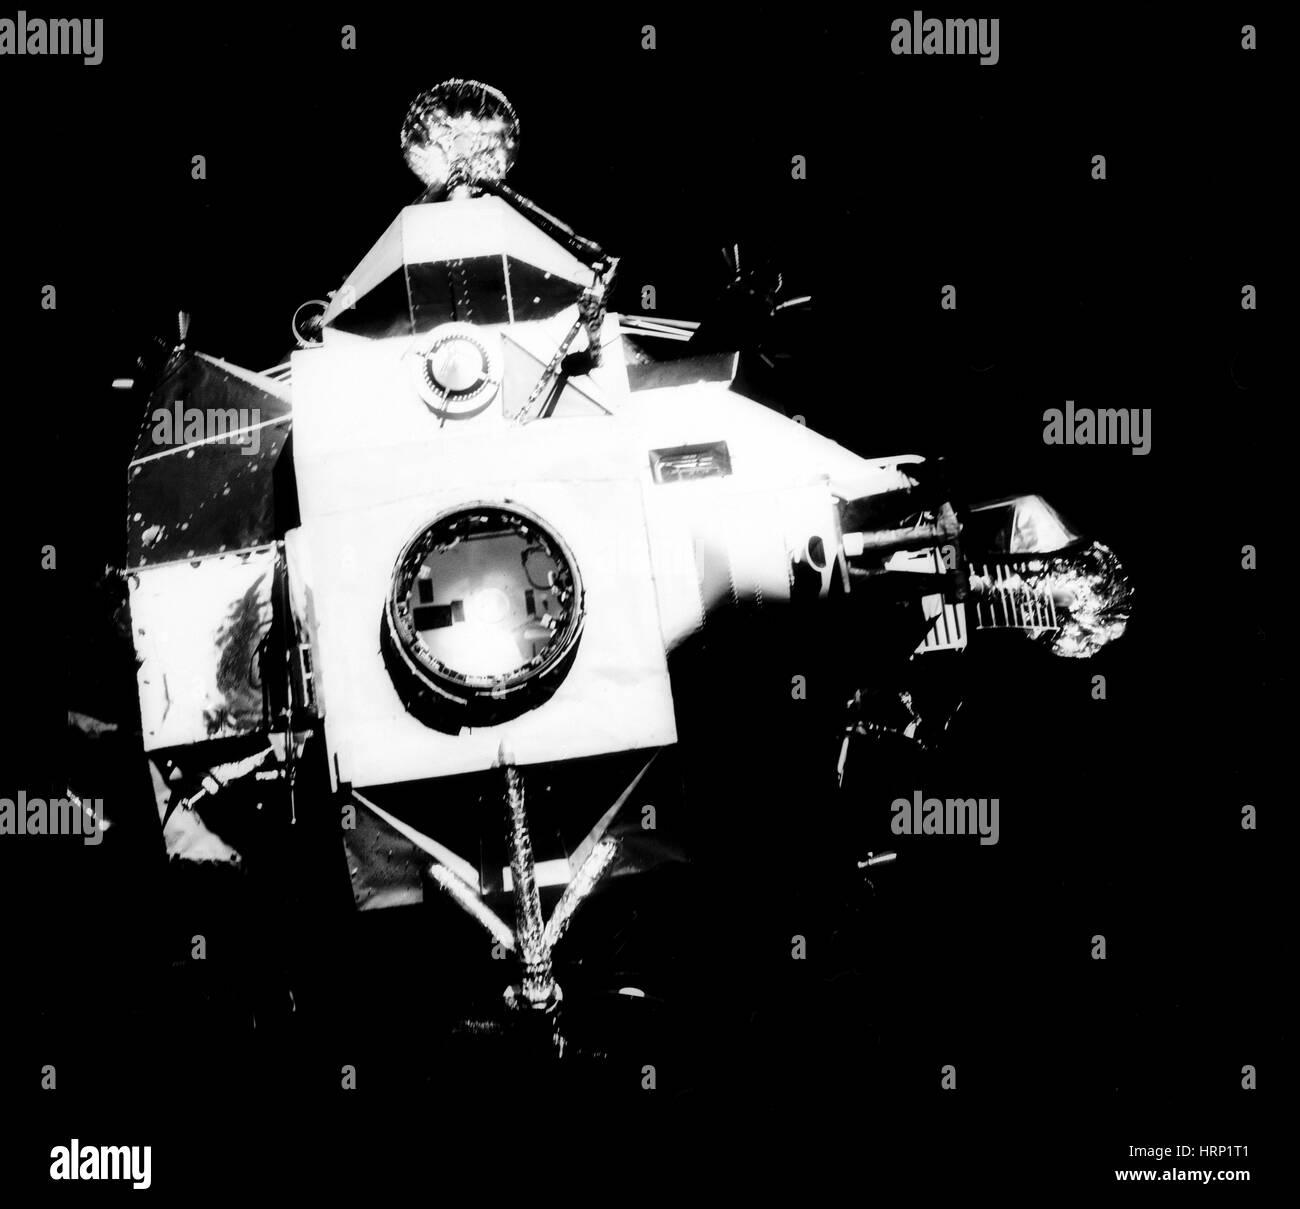 Apollo 13 Lunar Module - Stock Image